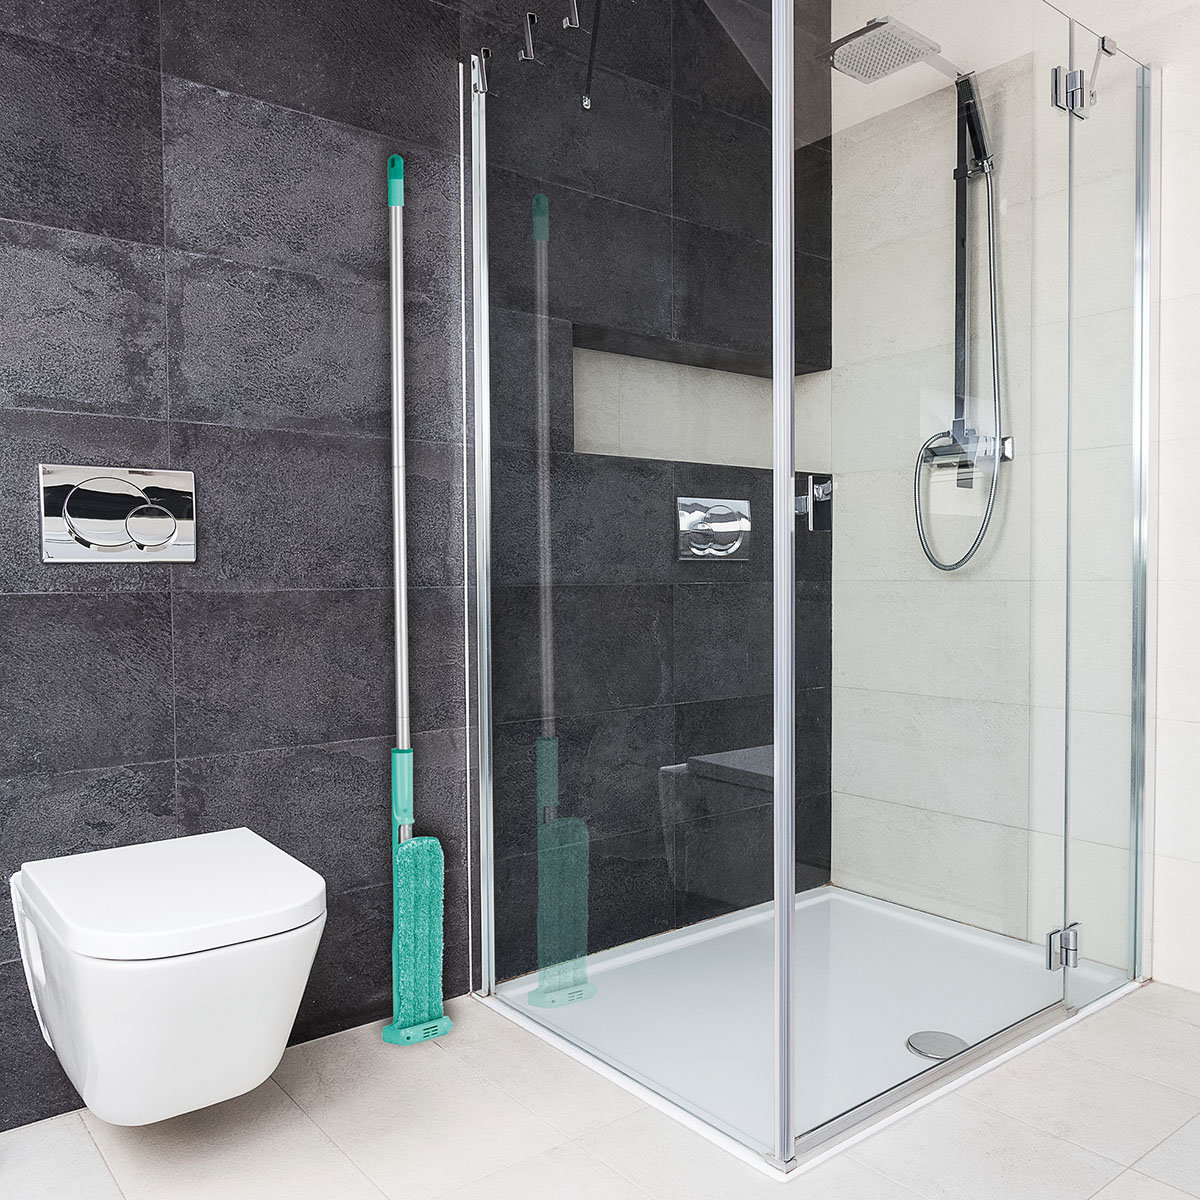 CLEANmaxx Wischmopp Komfort | #3